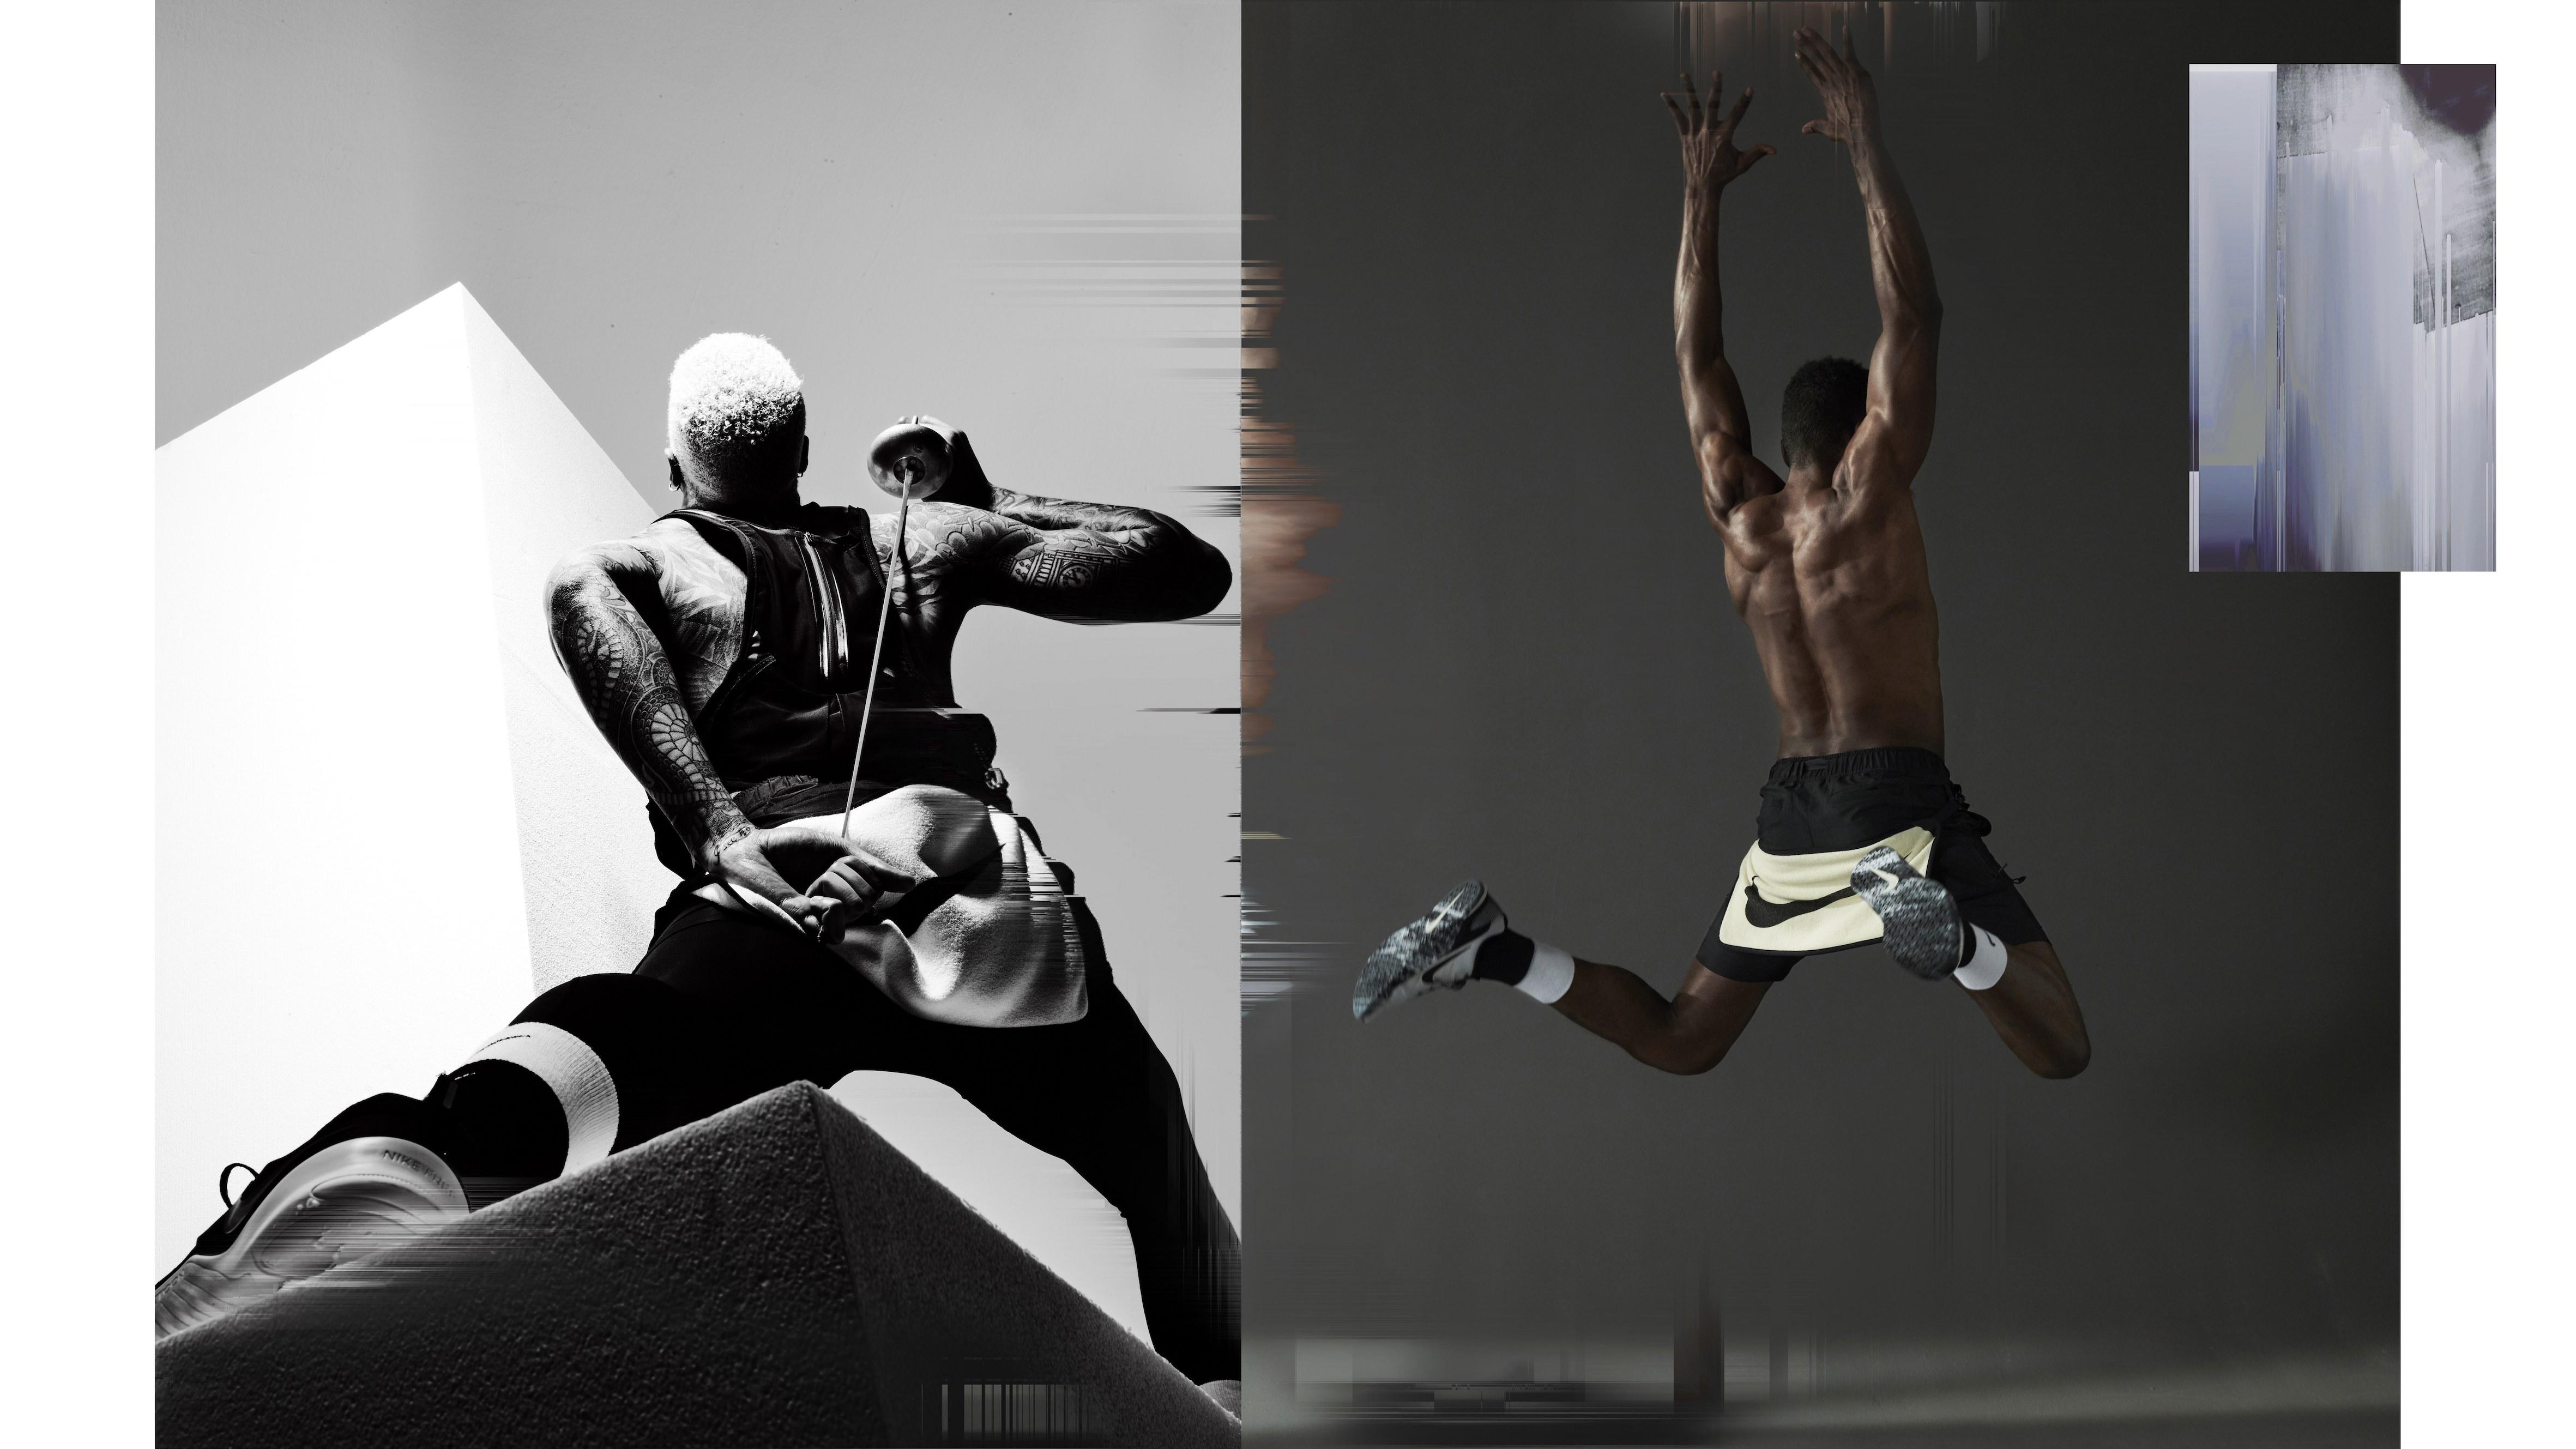 Campanha da Nike x MMW fotografada por Nick Knight / Reprodução